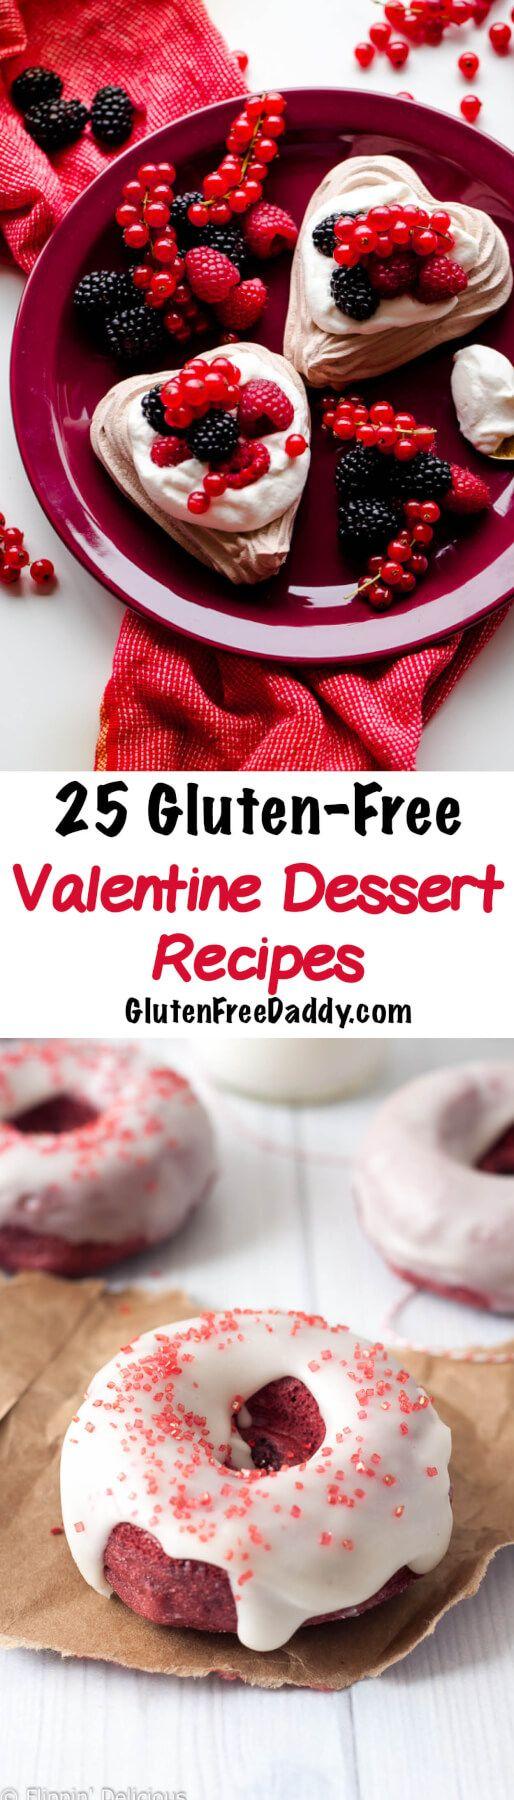 25 of the Best Ever Gluten-Free Valentine's Day Dessert Recipes